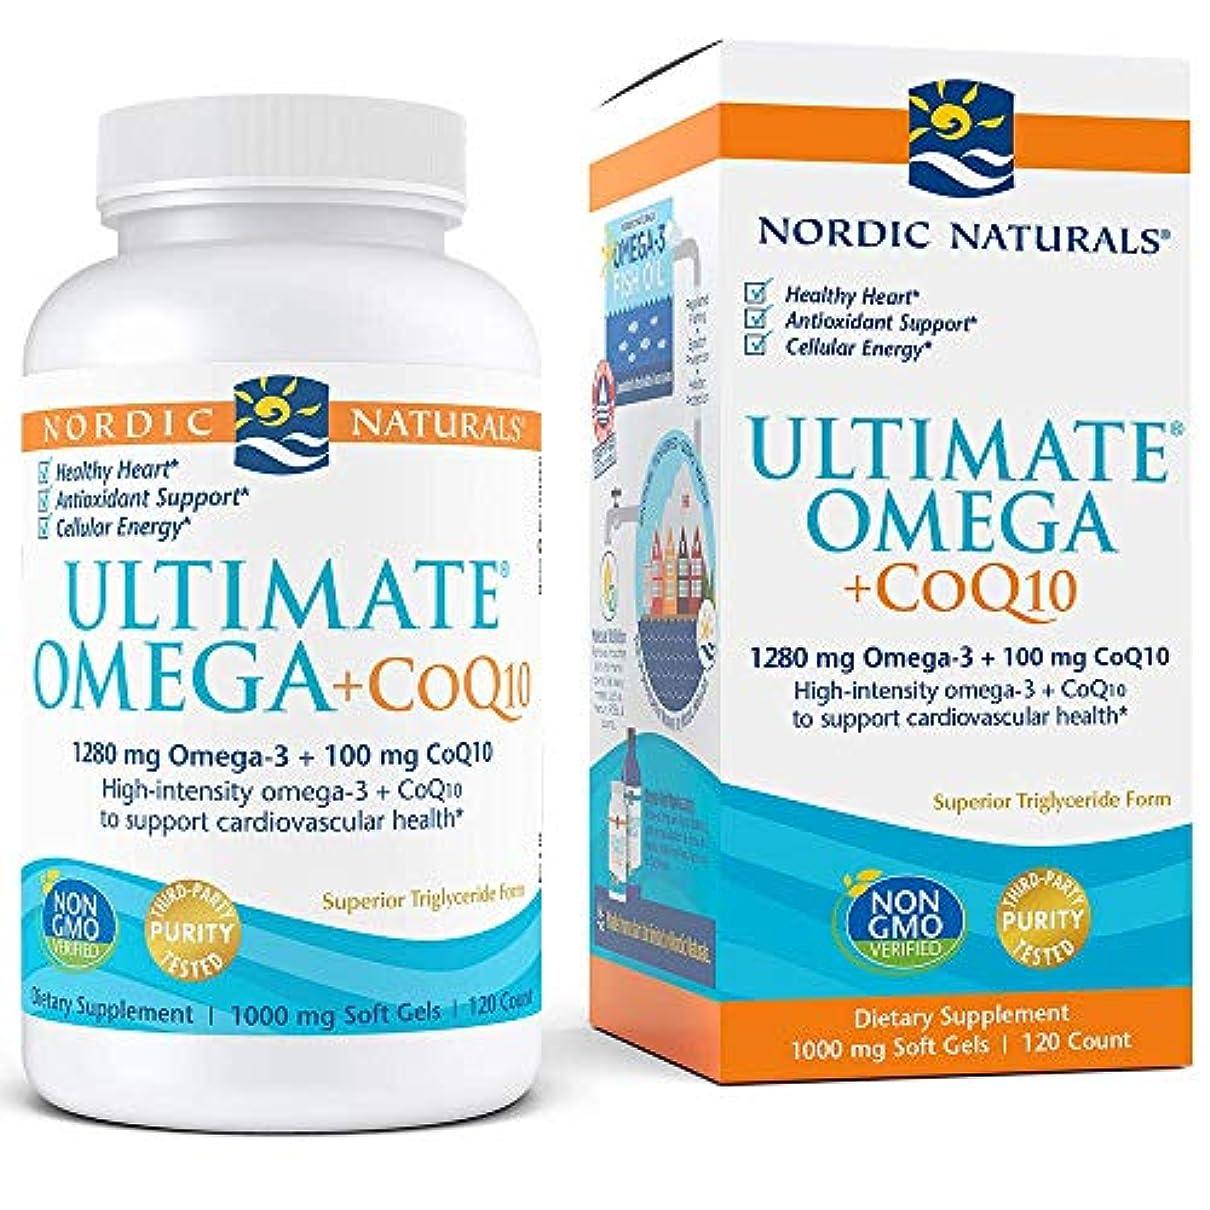 数字証人モナリザNordic Naturals Ultimate Omega + CoQ10 アルティメットオメガ+コエンザイムQ10 120錠 [海外直送品]